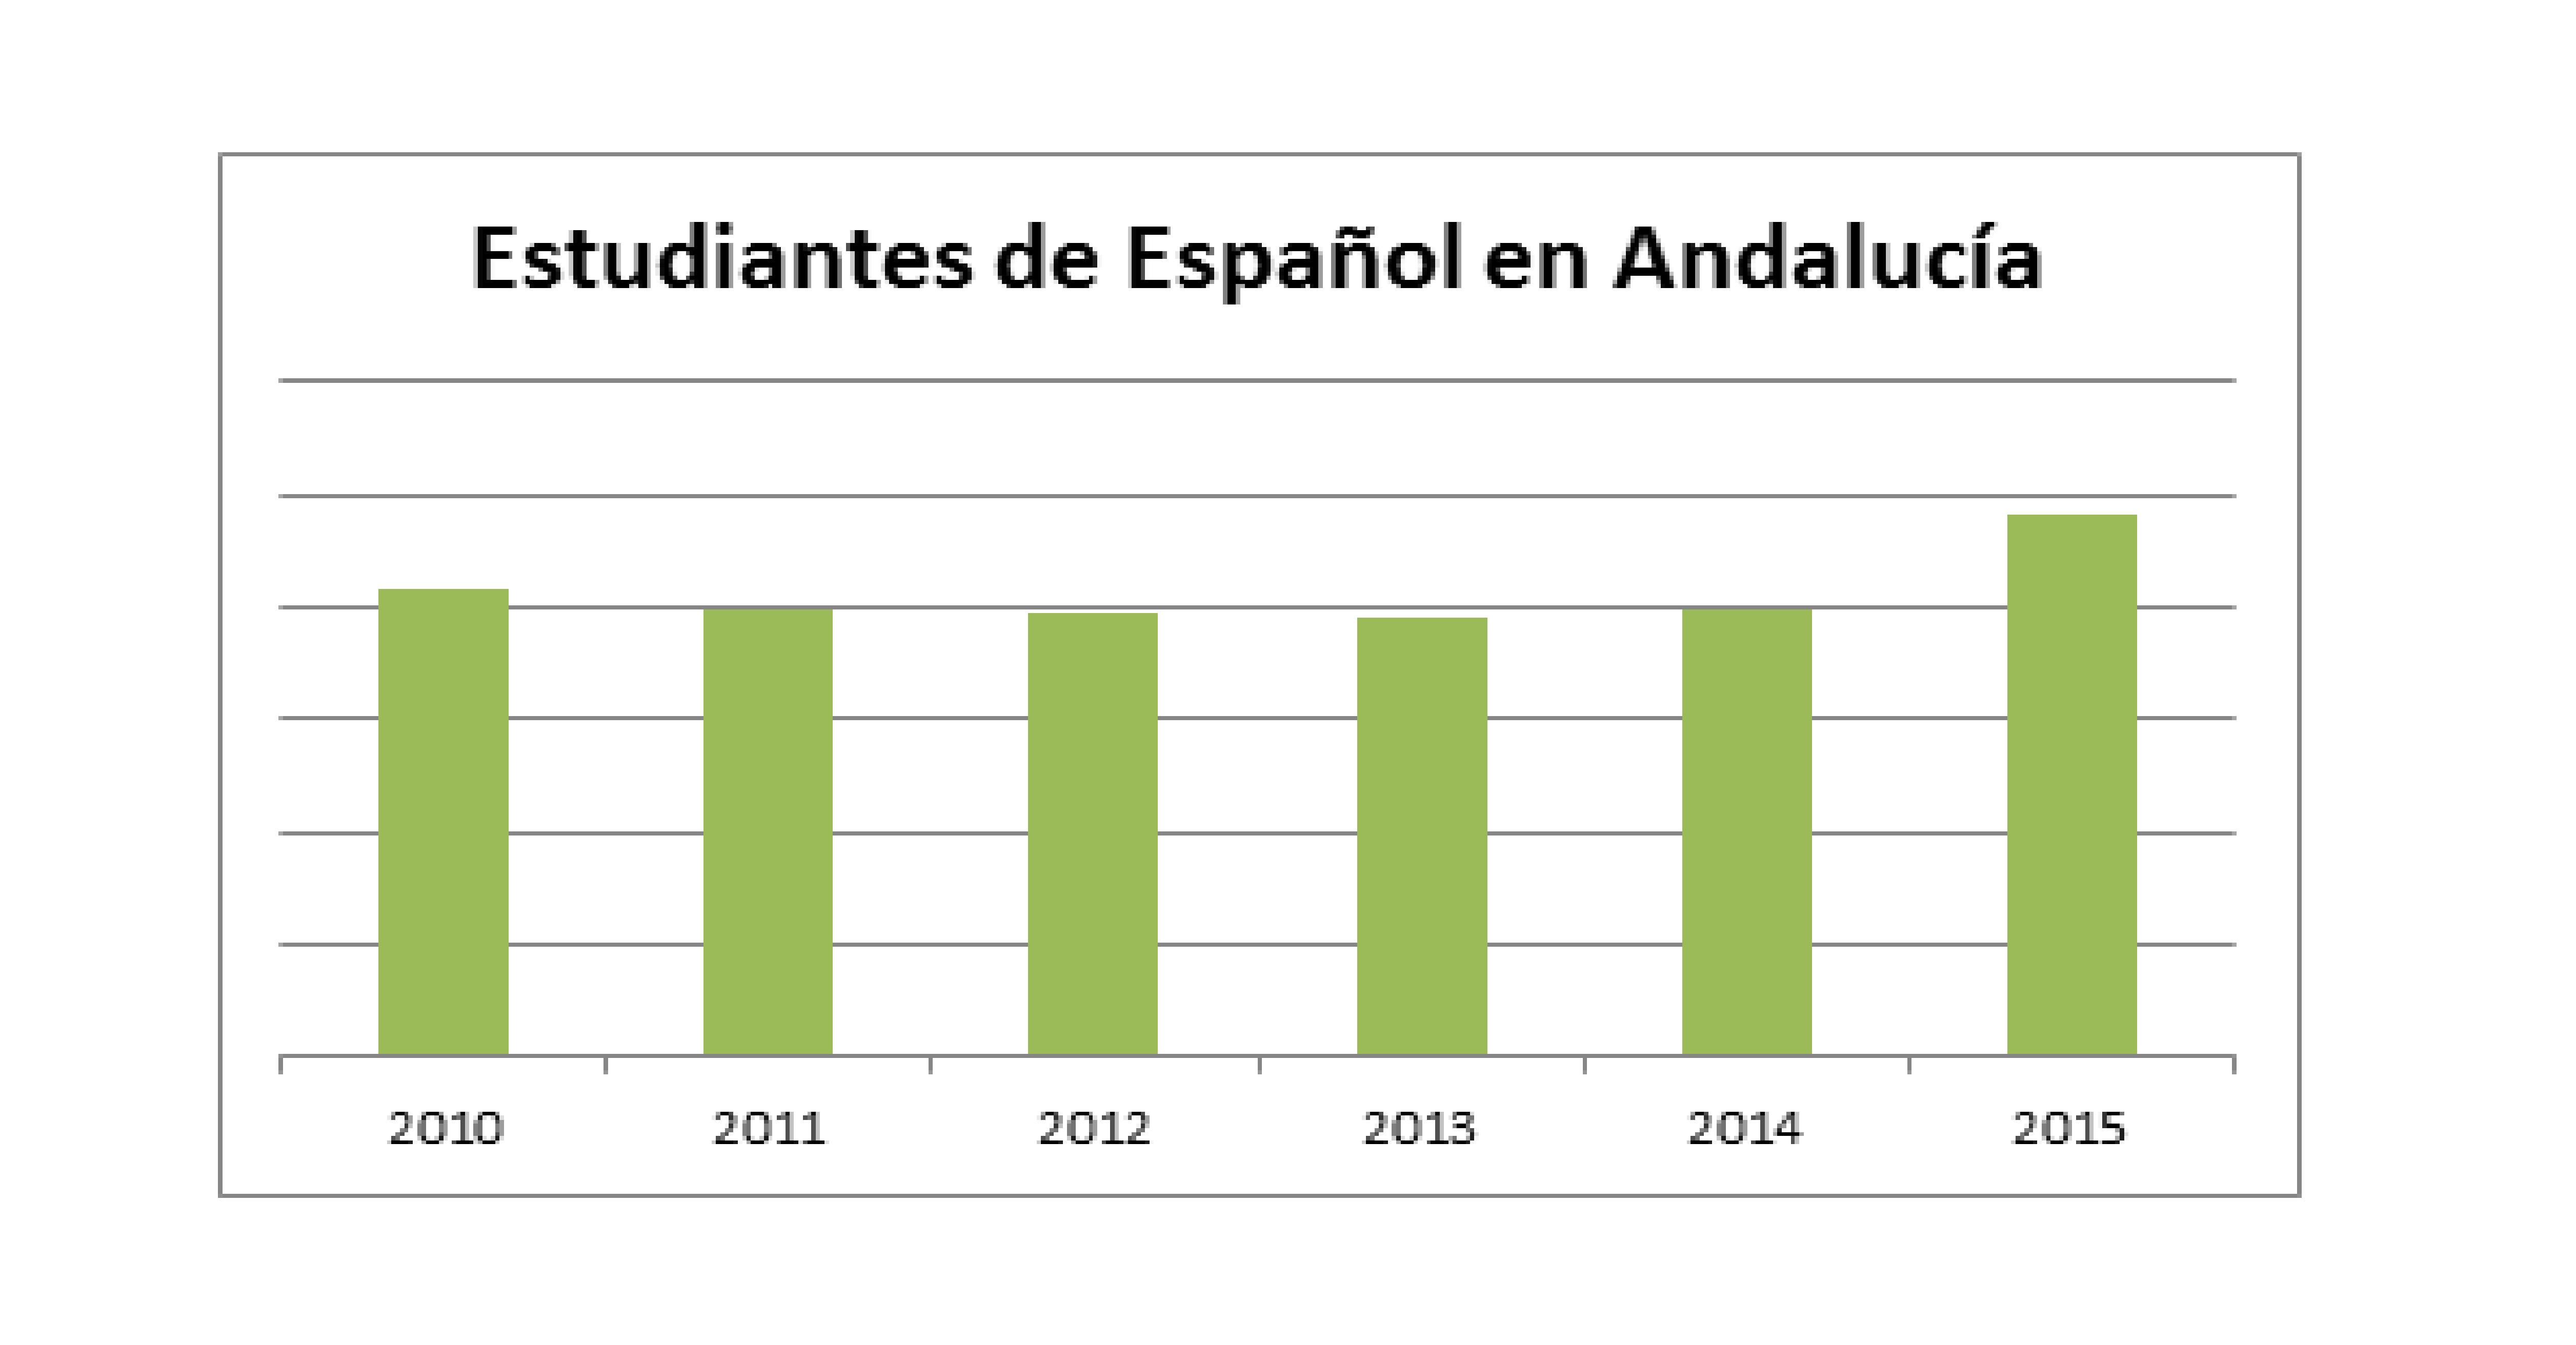 Datos sobre la evolución del sector de la enseñanza del español en Andalucía en los últimos años